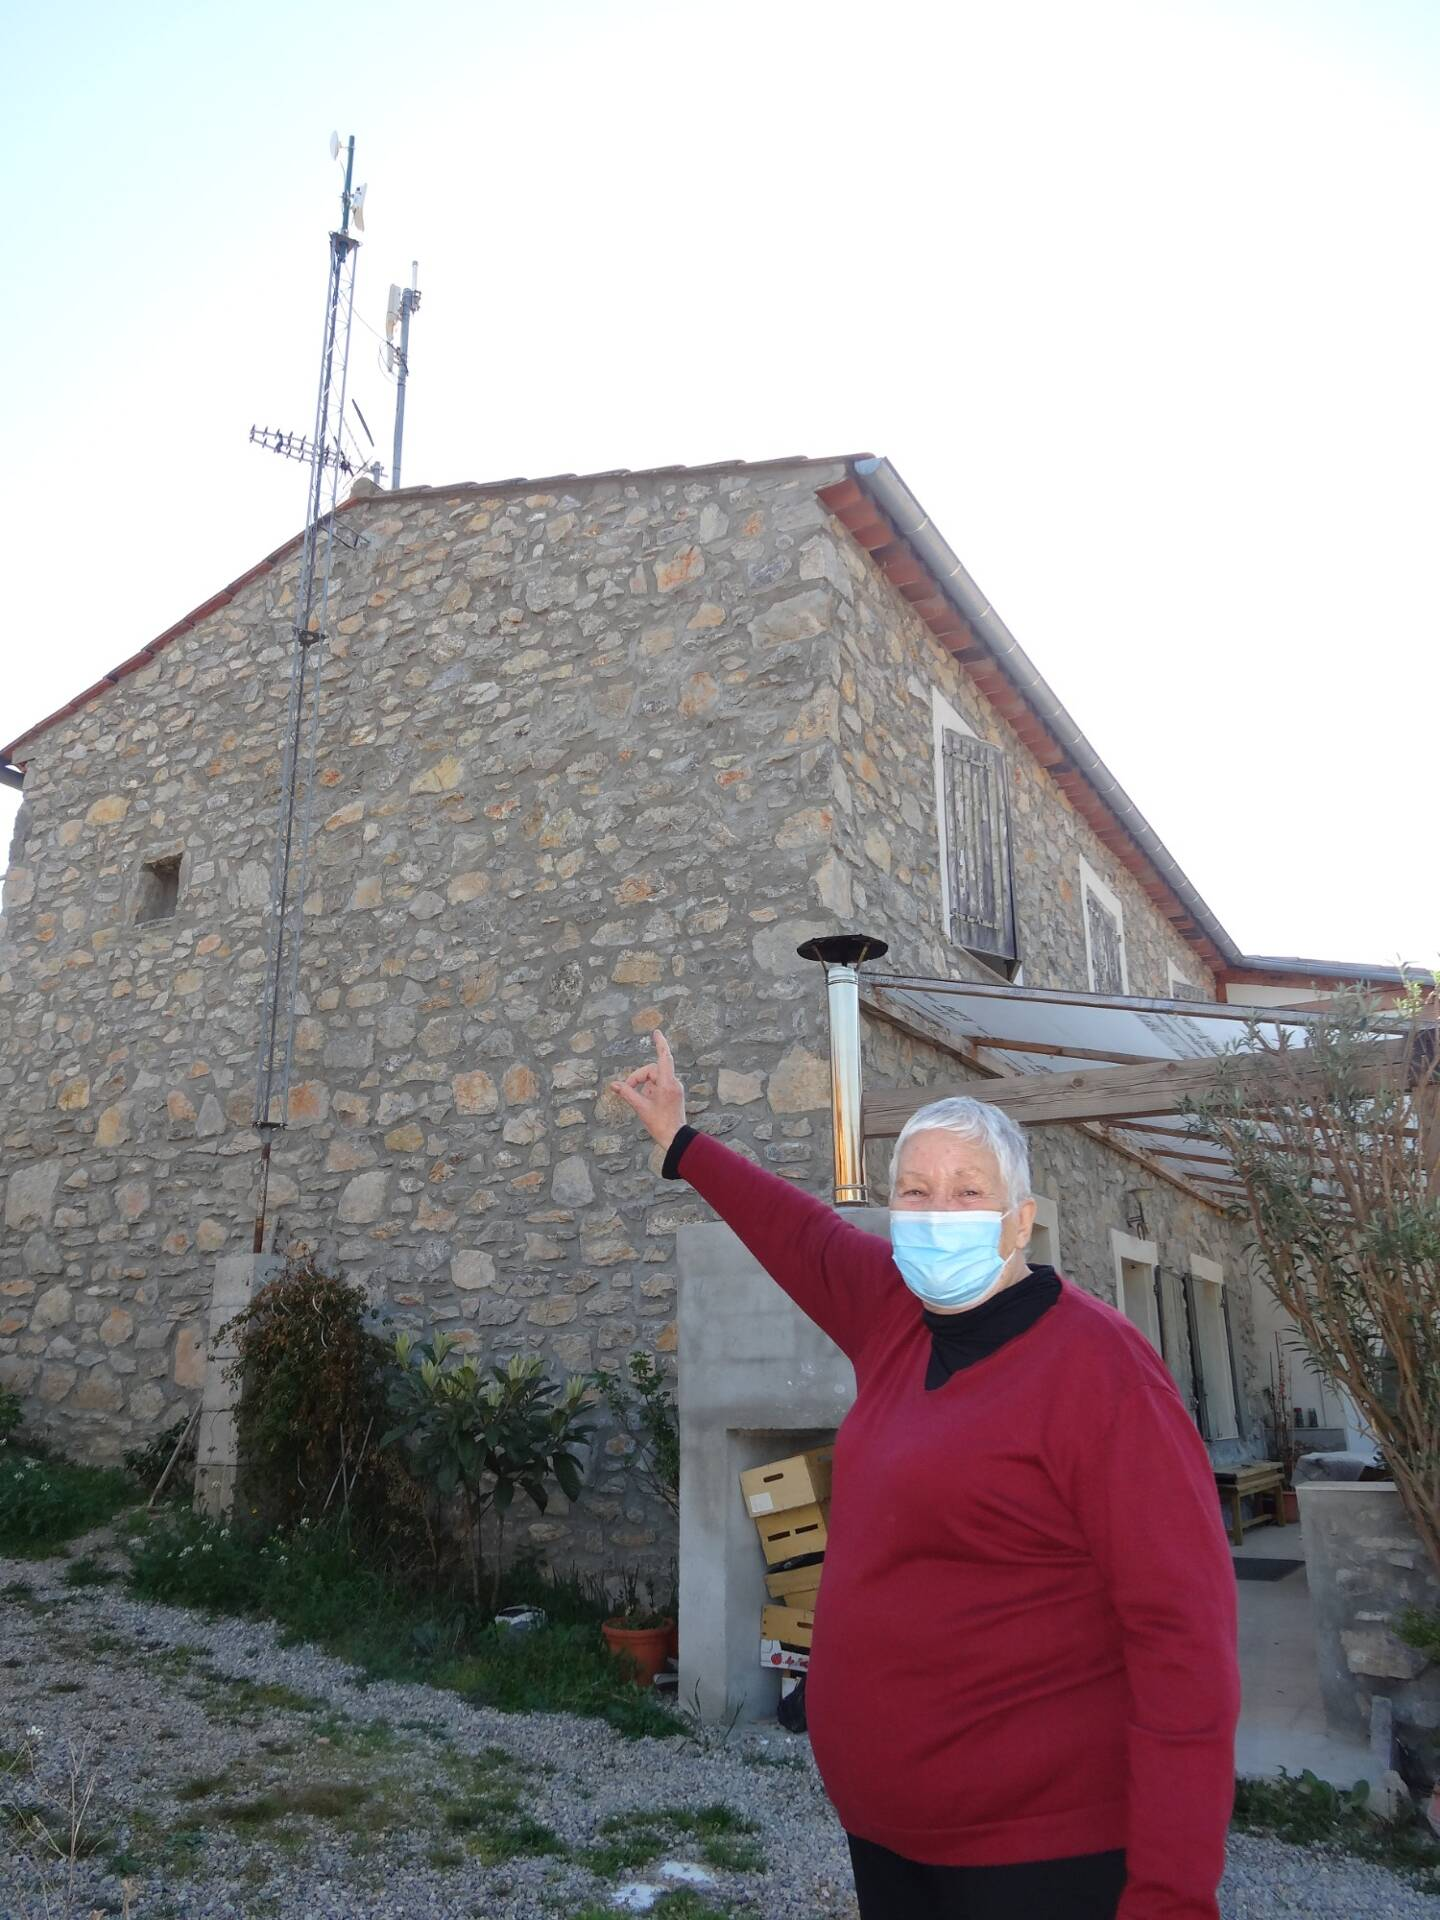 La maison d'Angèle disposait déjà d'un pylône radio, sur lequel est venue s'ajouter l'antenne de VarTHD, habituellement plus discrète